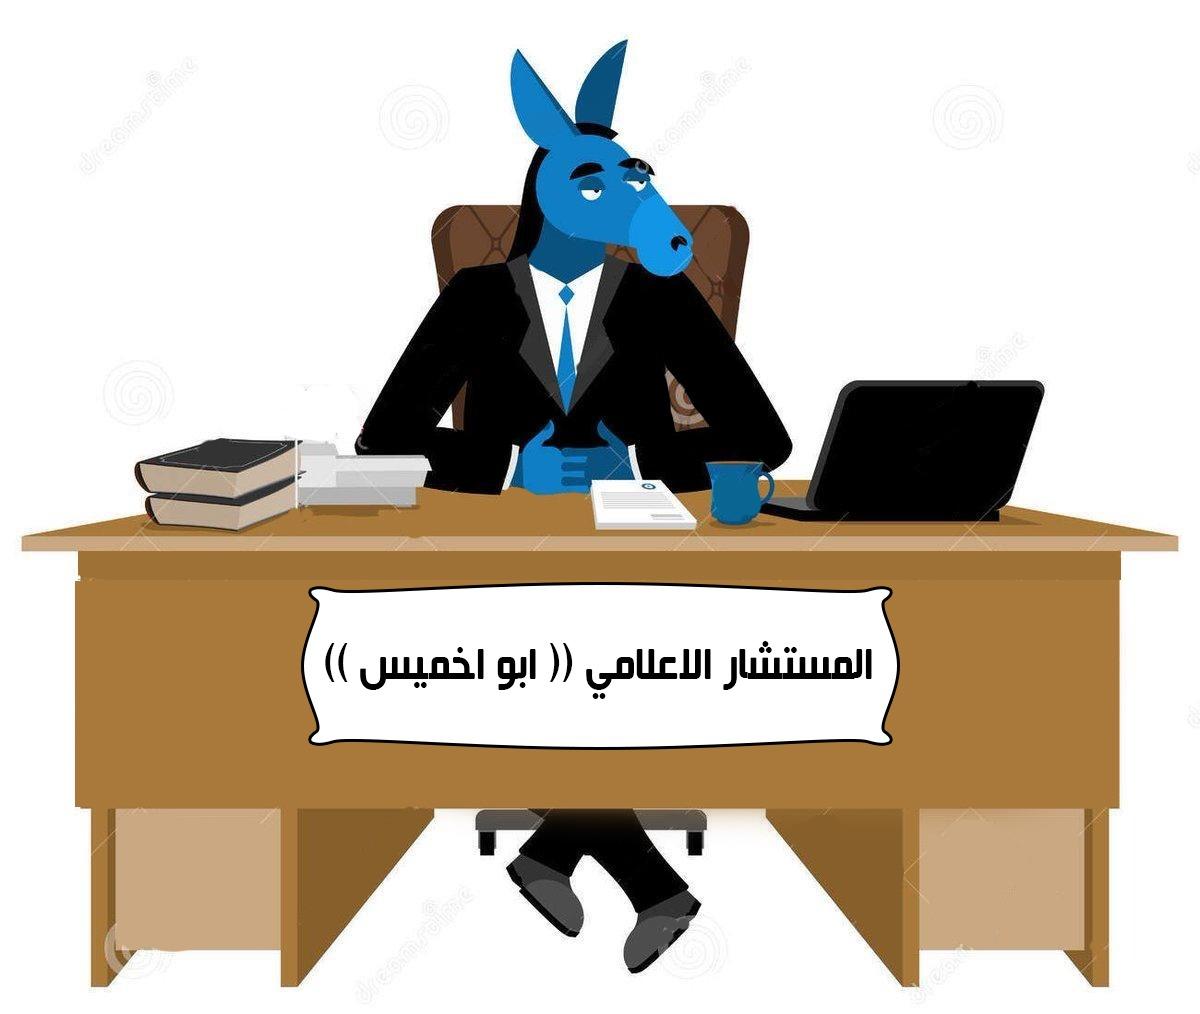 الاعلام  (( نورن ))….. والمكاتب جهل وظلام……!!